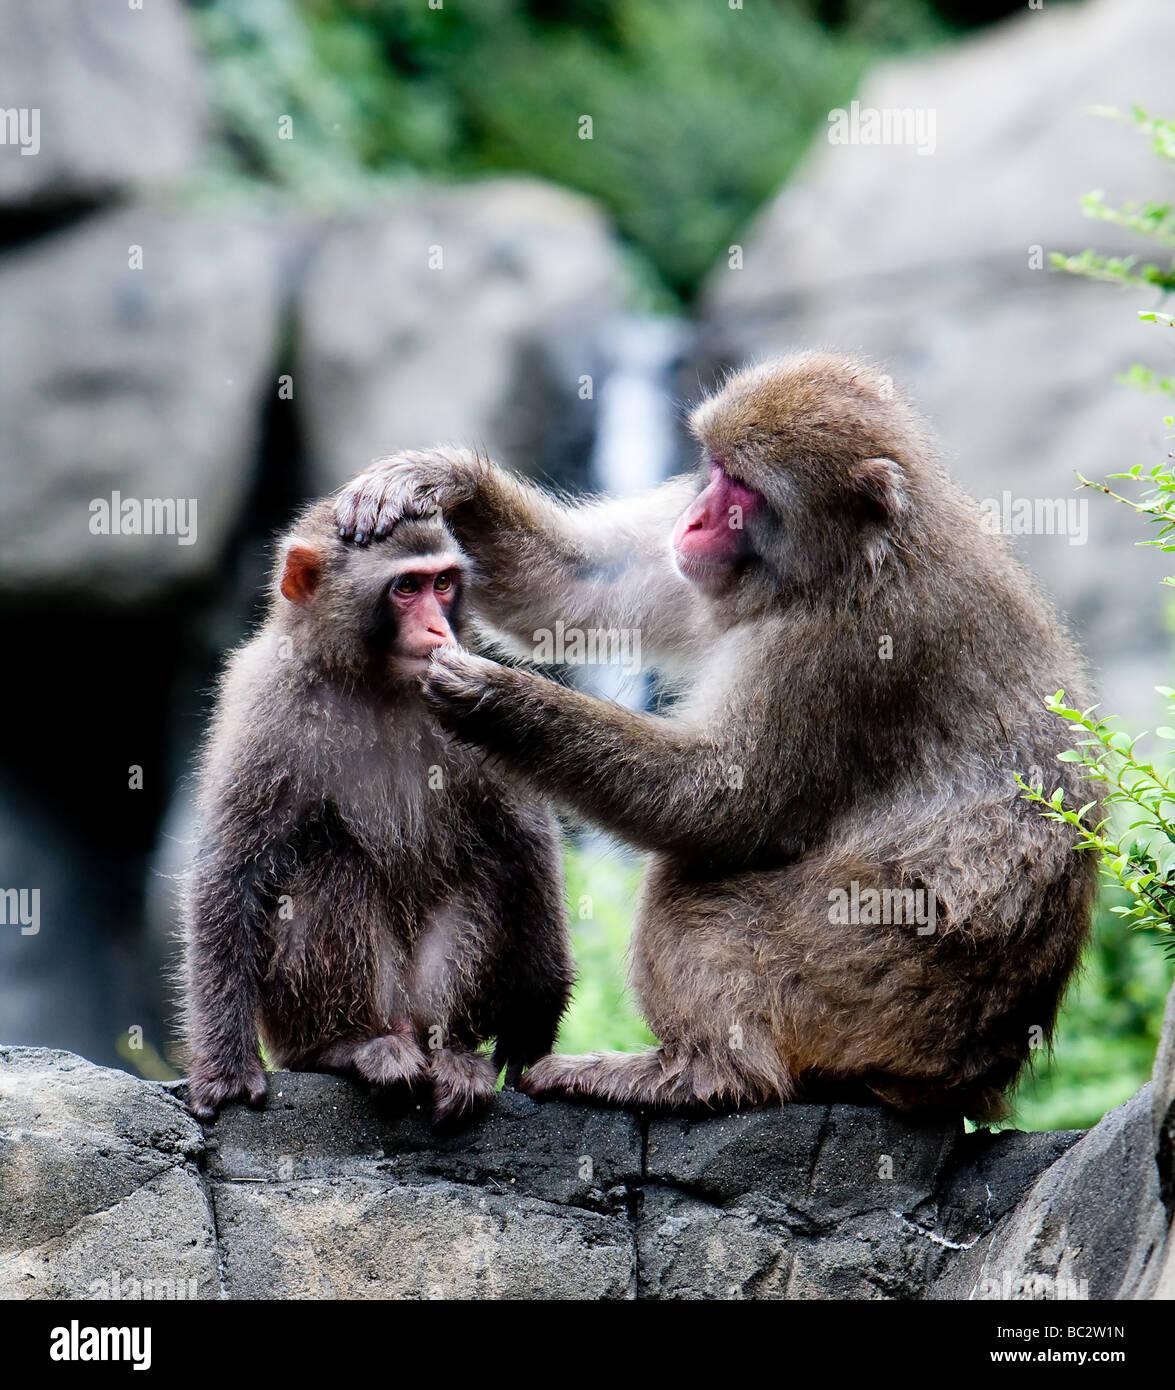 Due giapponesi scimmie neve seduti sulla formazione di roccia toelettatura mentre si tiene la testa di altri Immagini Stock